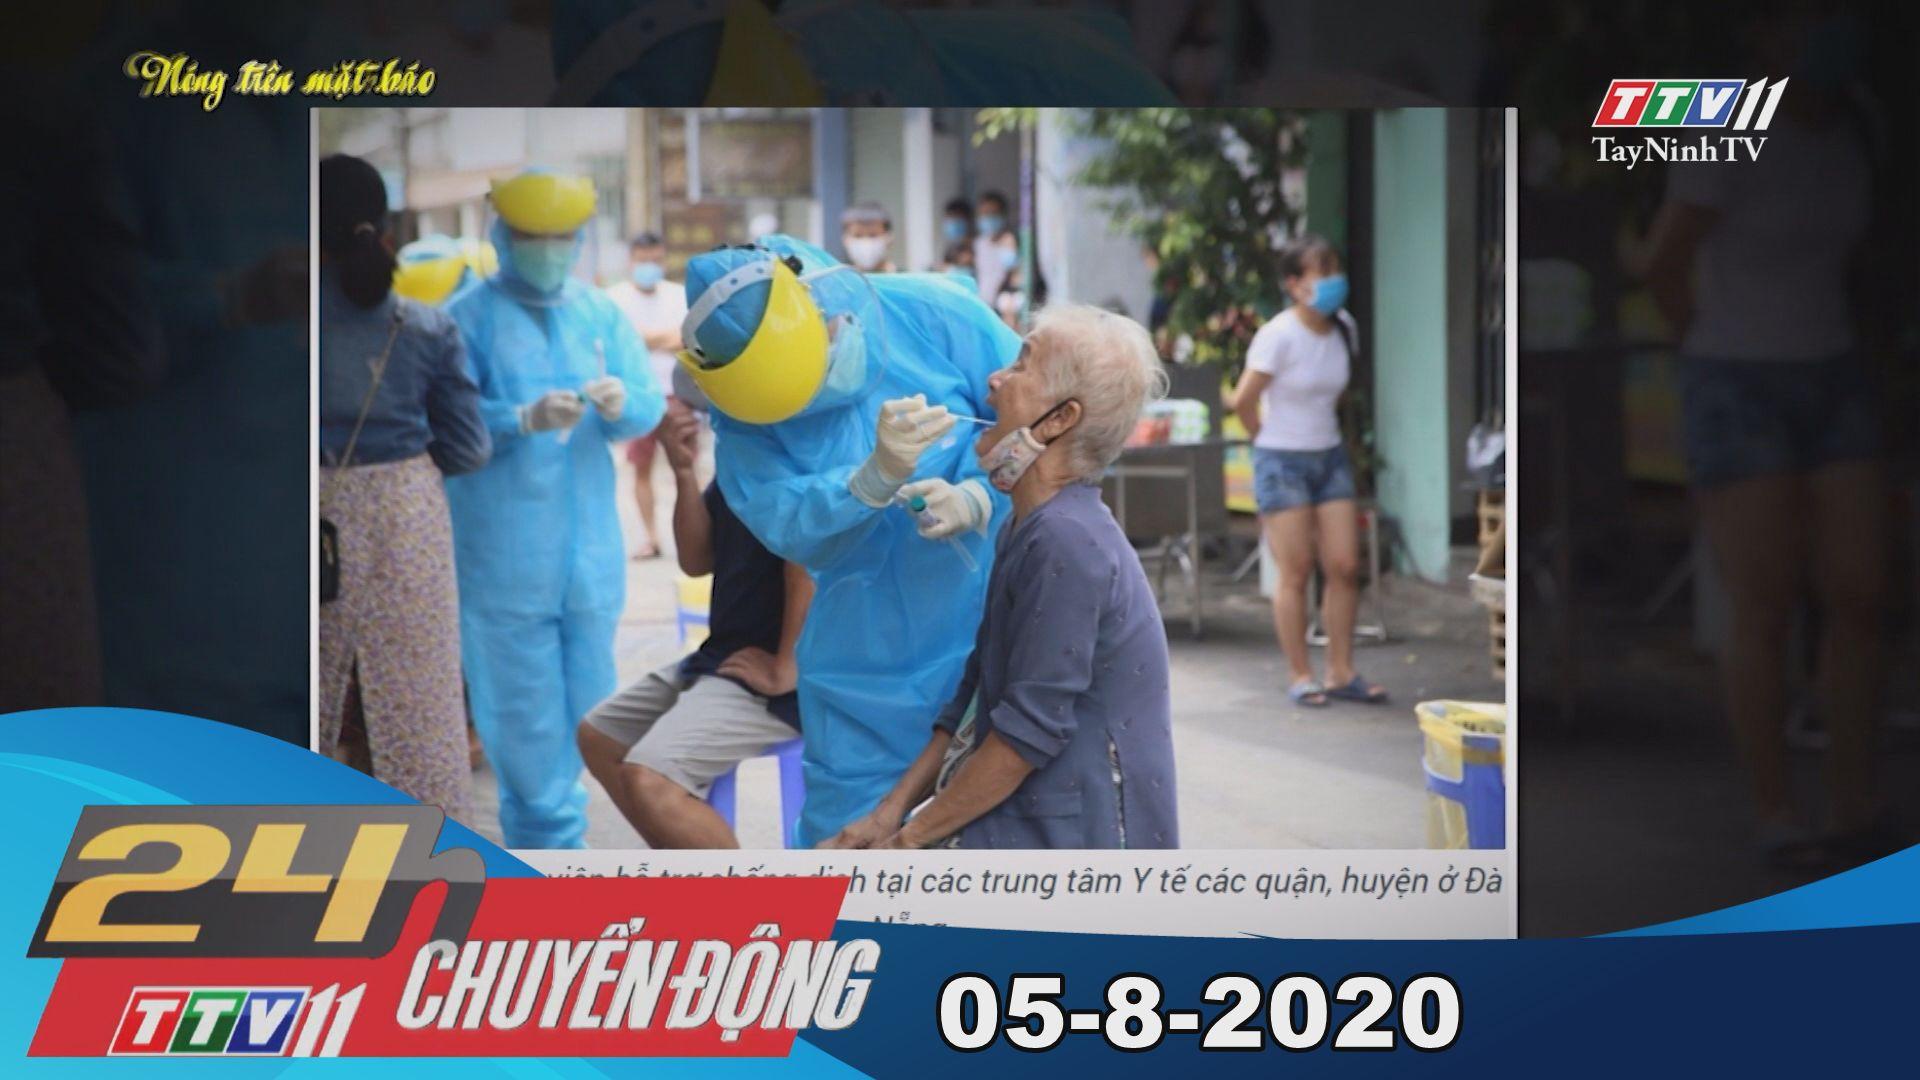 24h Chuyển động 04-8-2020 | Tin tức hôm nay | TayNinhTV